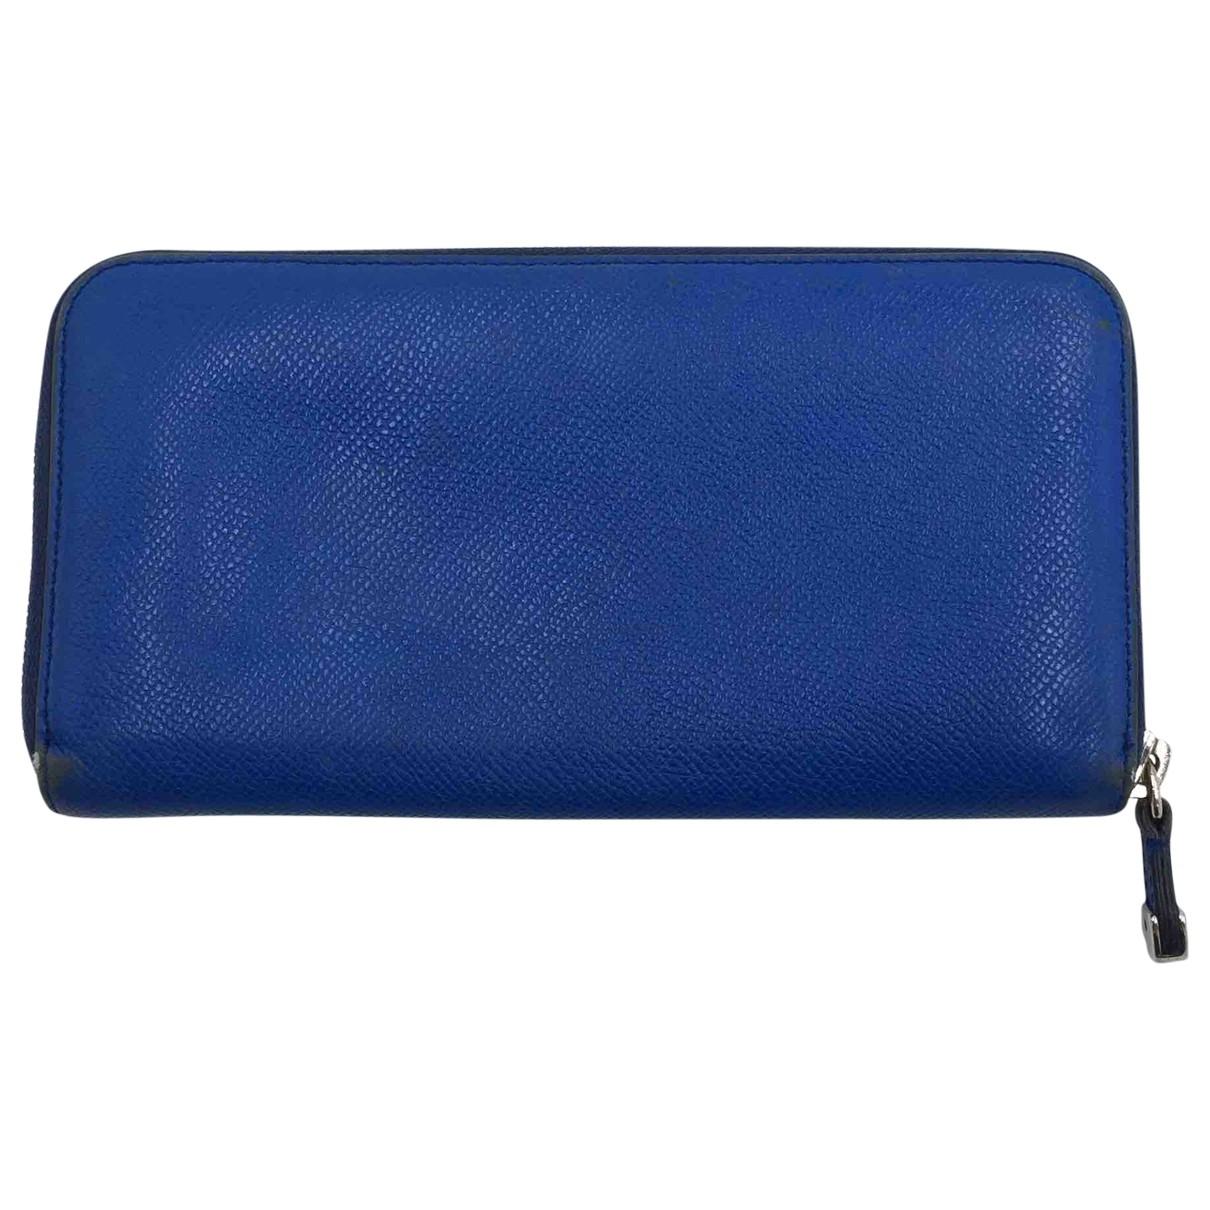 Tods \N Portemonnaie in  Blau Leder